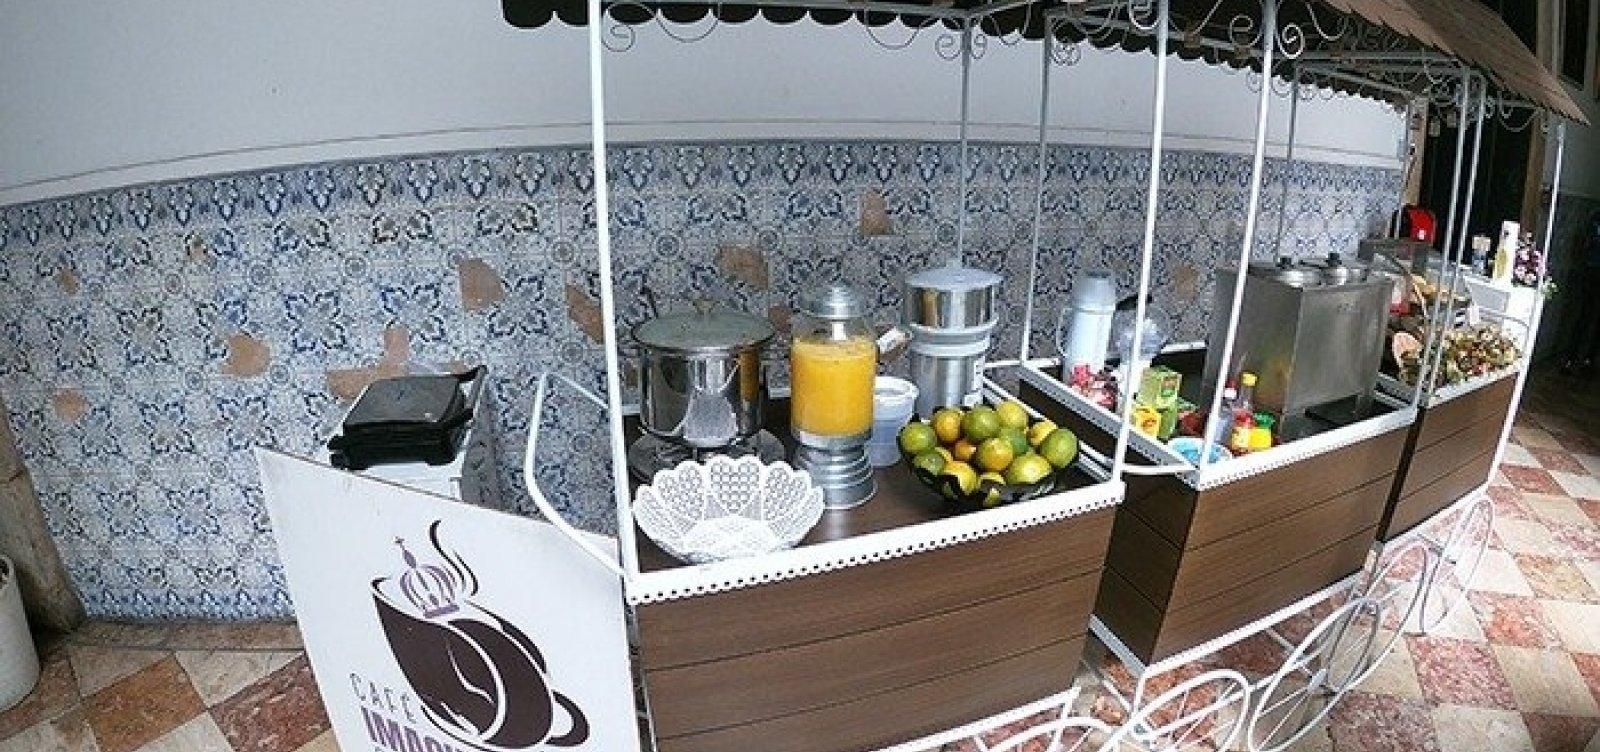 [Basílica da Conceição da Praia ganha 'Café da Imaculada' com fonte histórica restaurada]